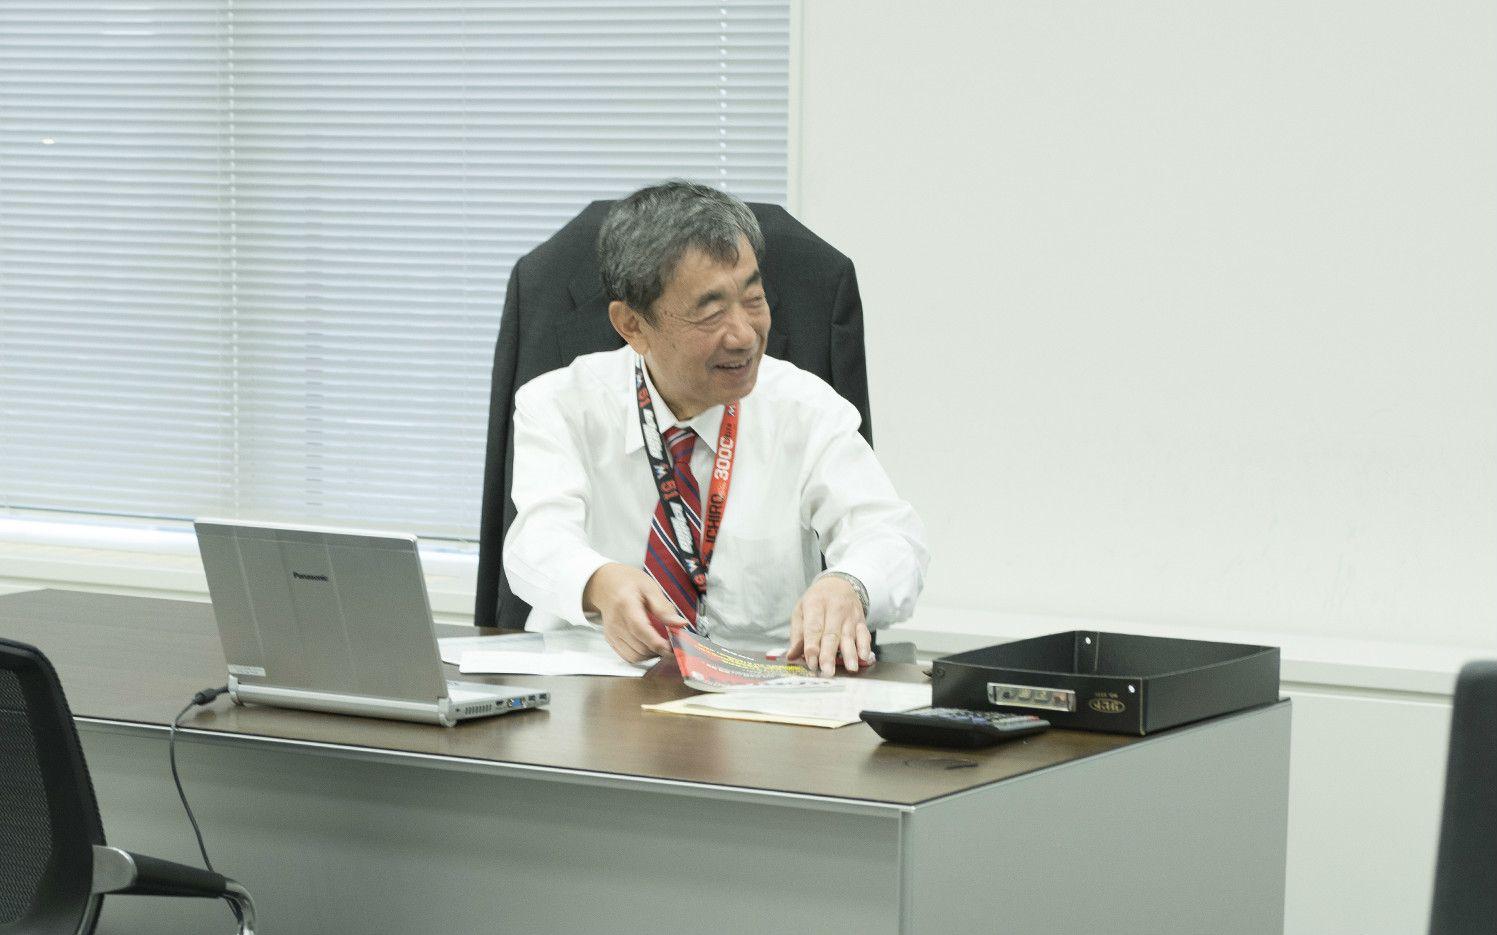 松本会長の席はフロア中央の一番目立つ場所に。